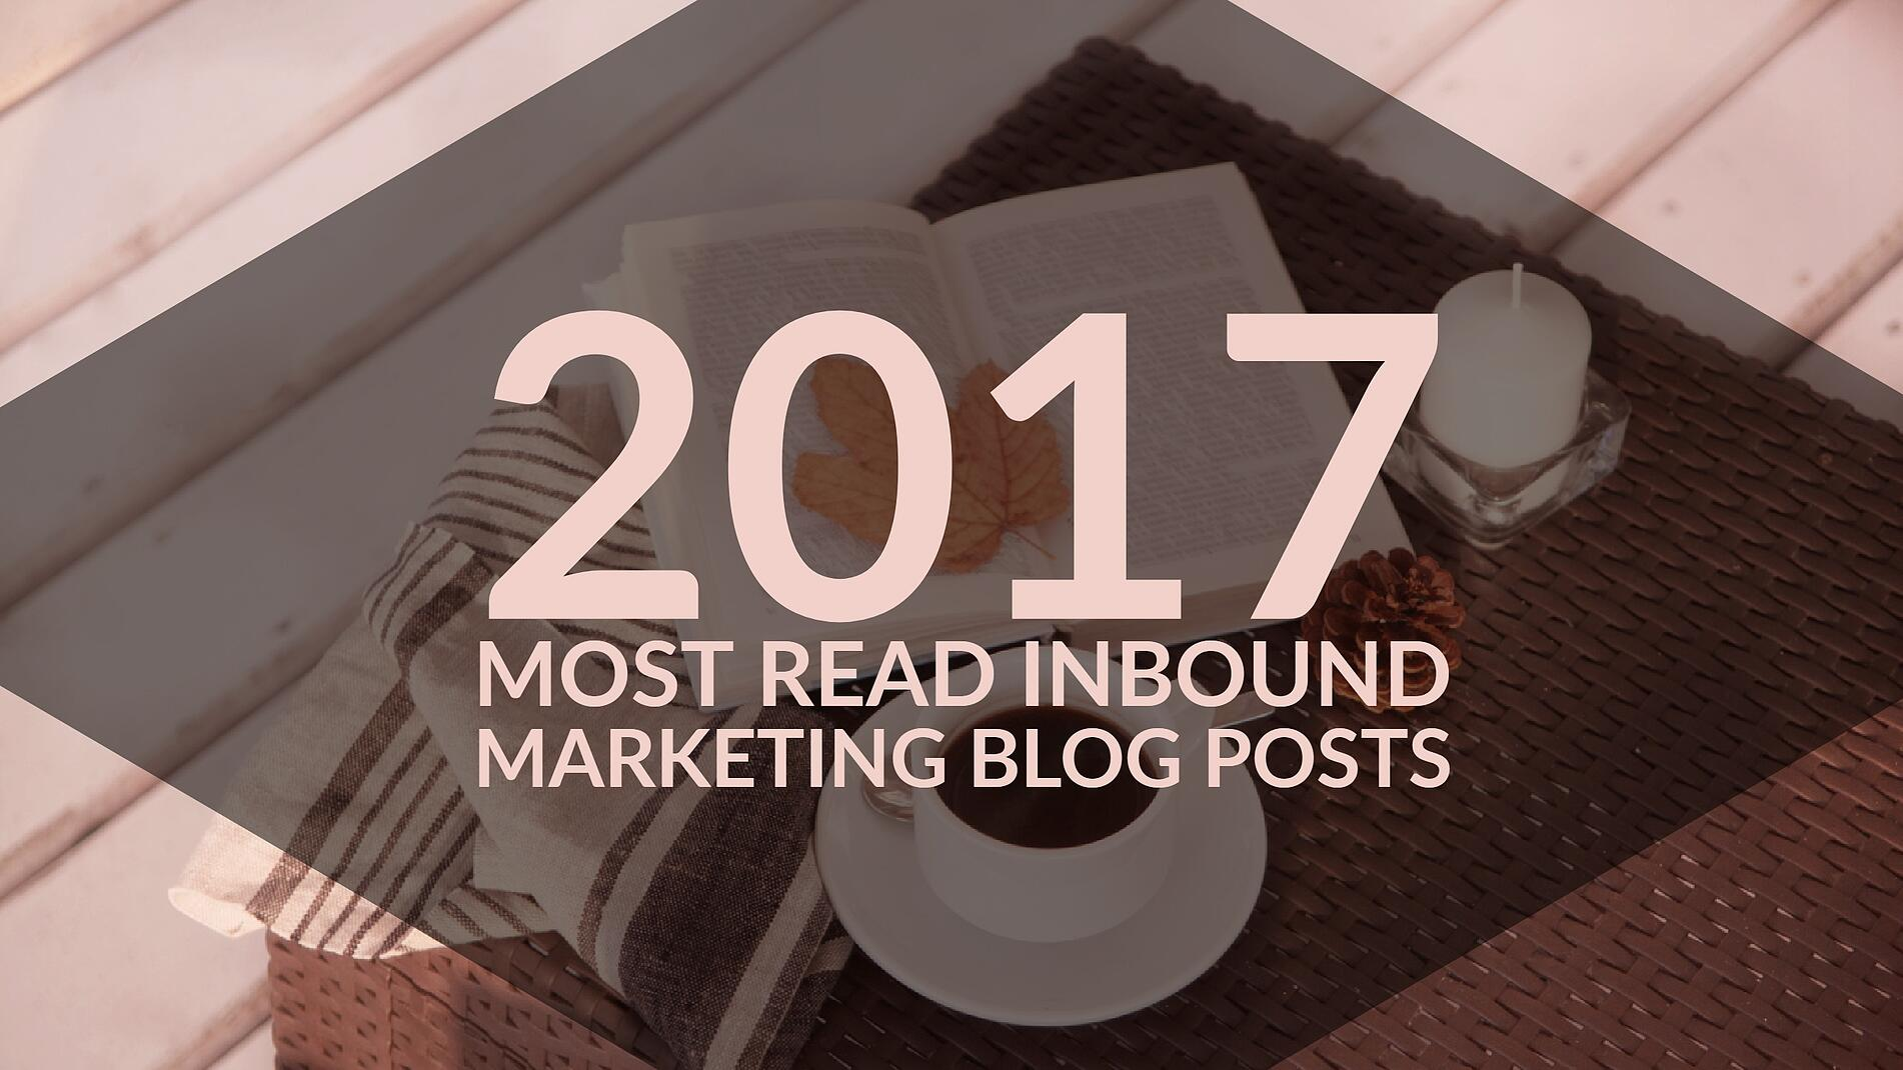 Most Read Inbound Marketing Blog Posts